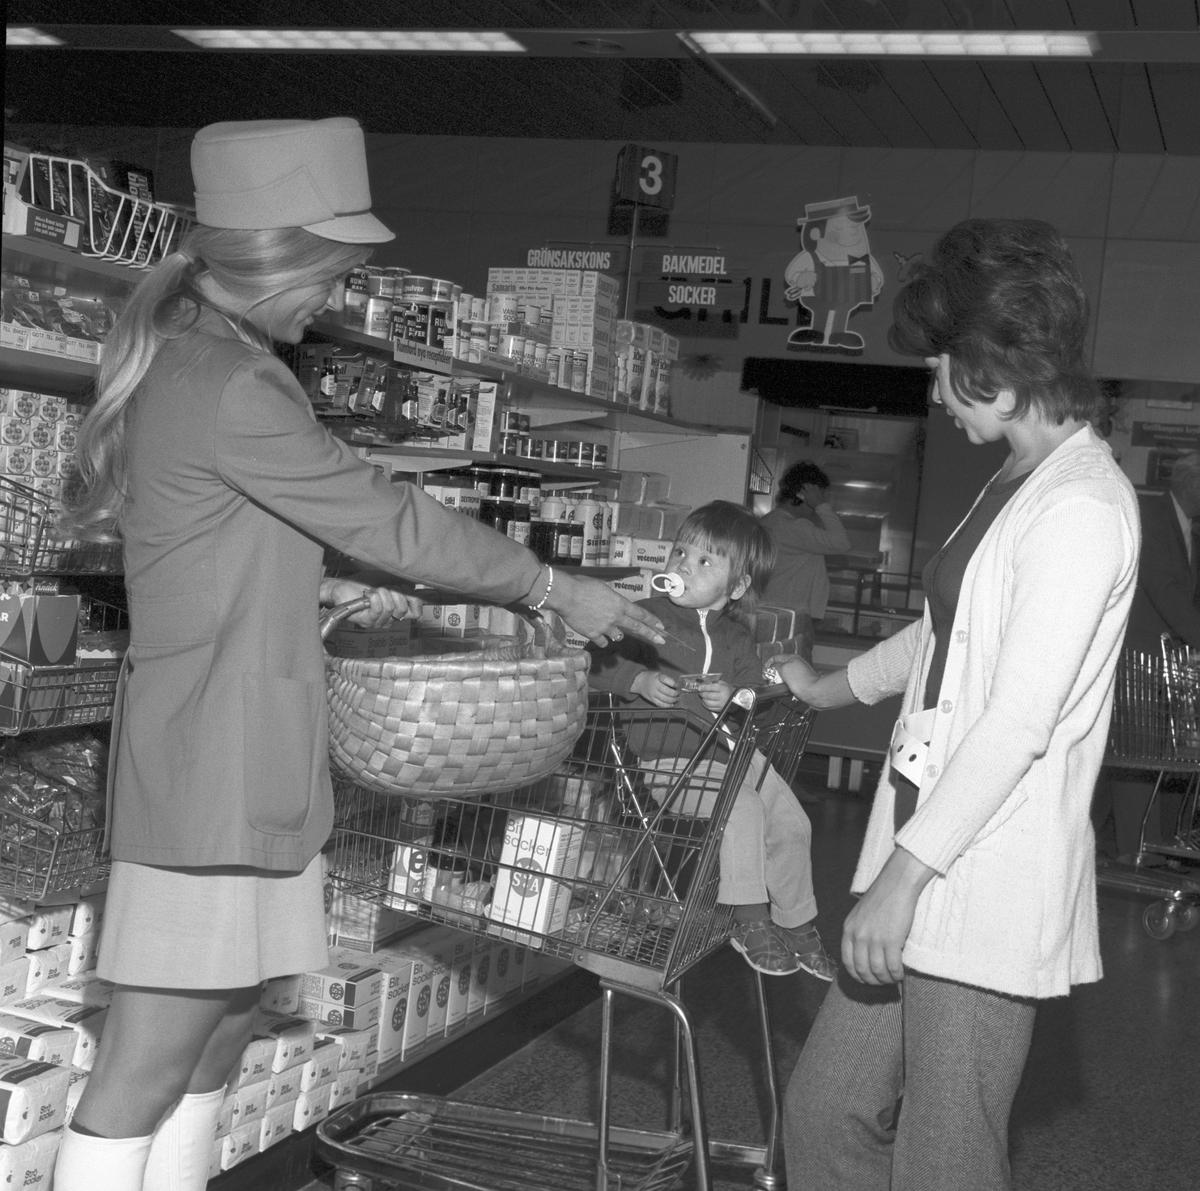 F Ahlgrens Tekniska Fabrik AB och ders reklamflickor. Den 28 augusti 1971